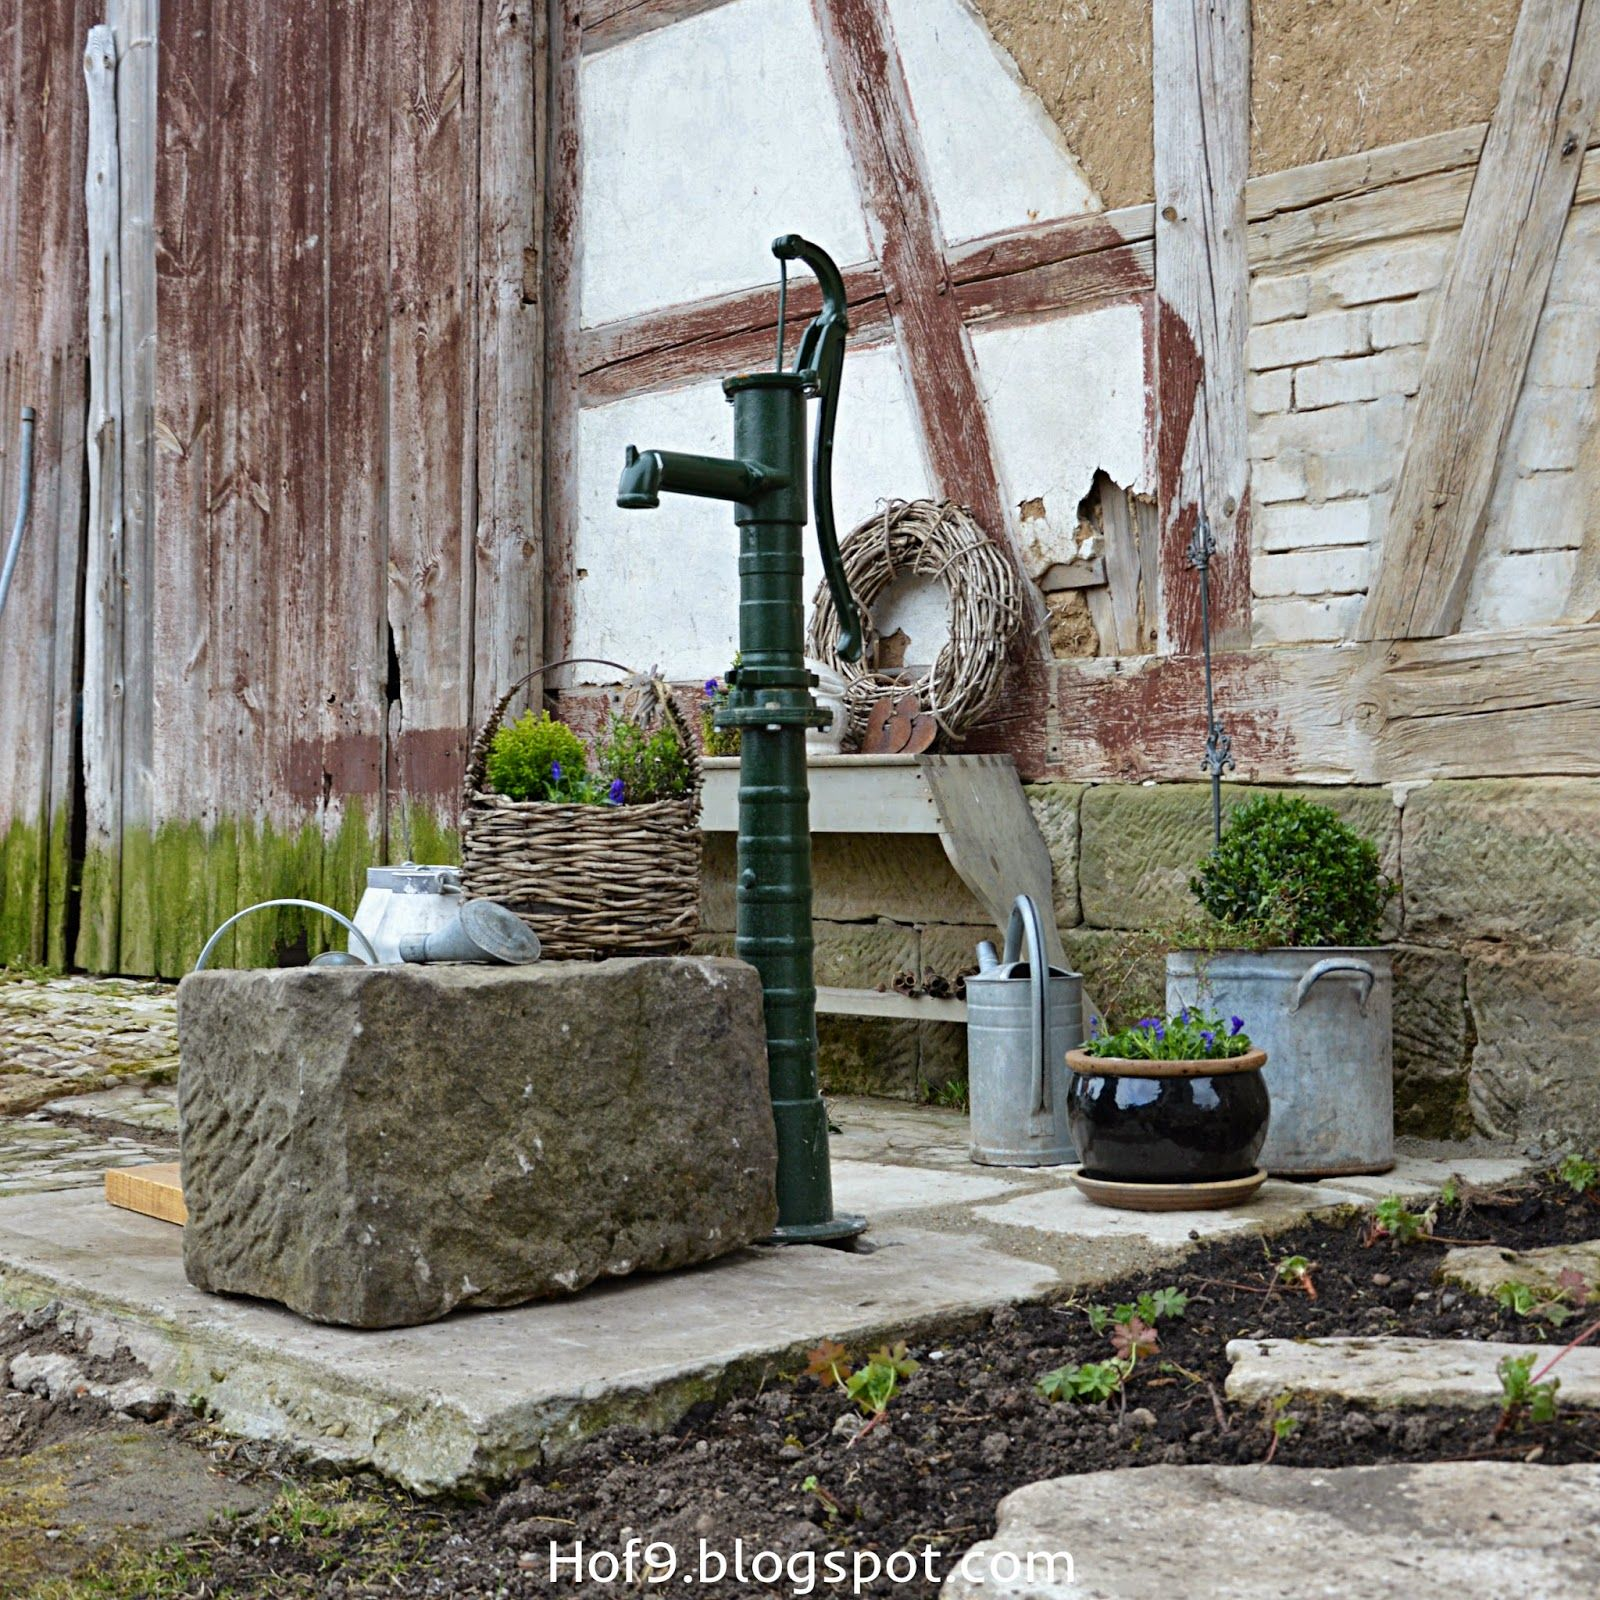 Eine Ziemlich Tiefe Uberraschung Brunnen Garten Wasserpumpe Garten Garten Deko